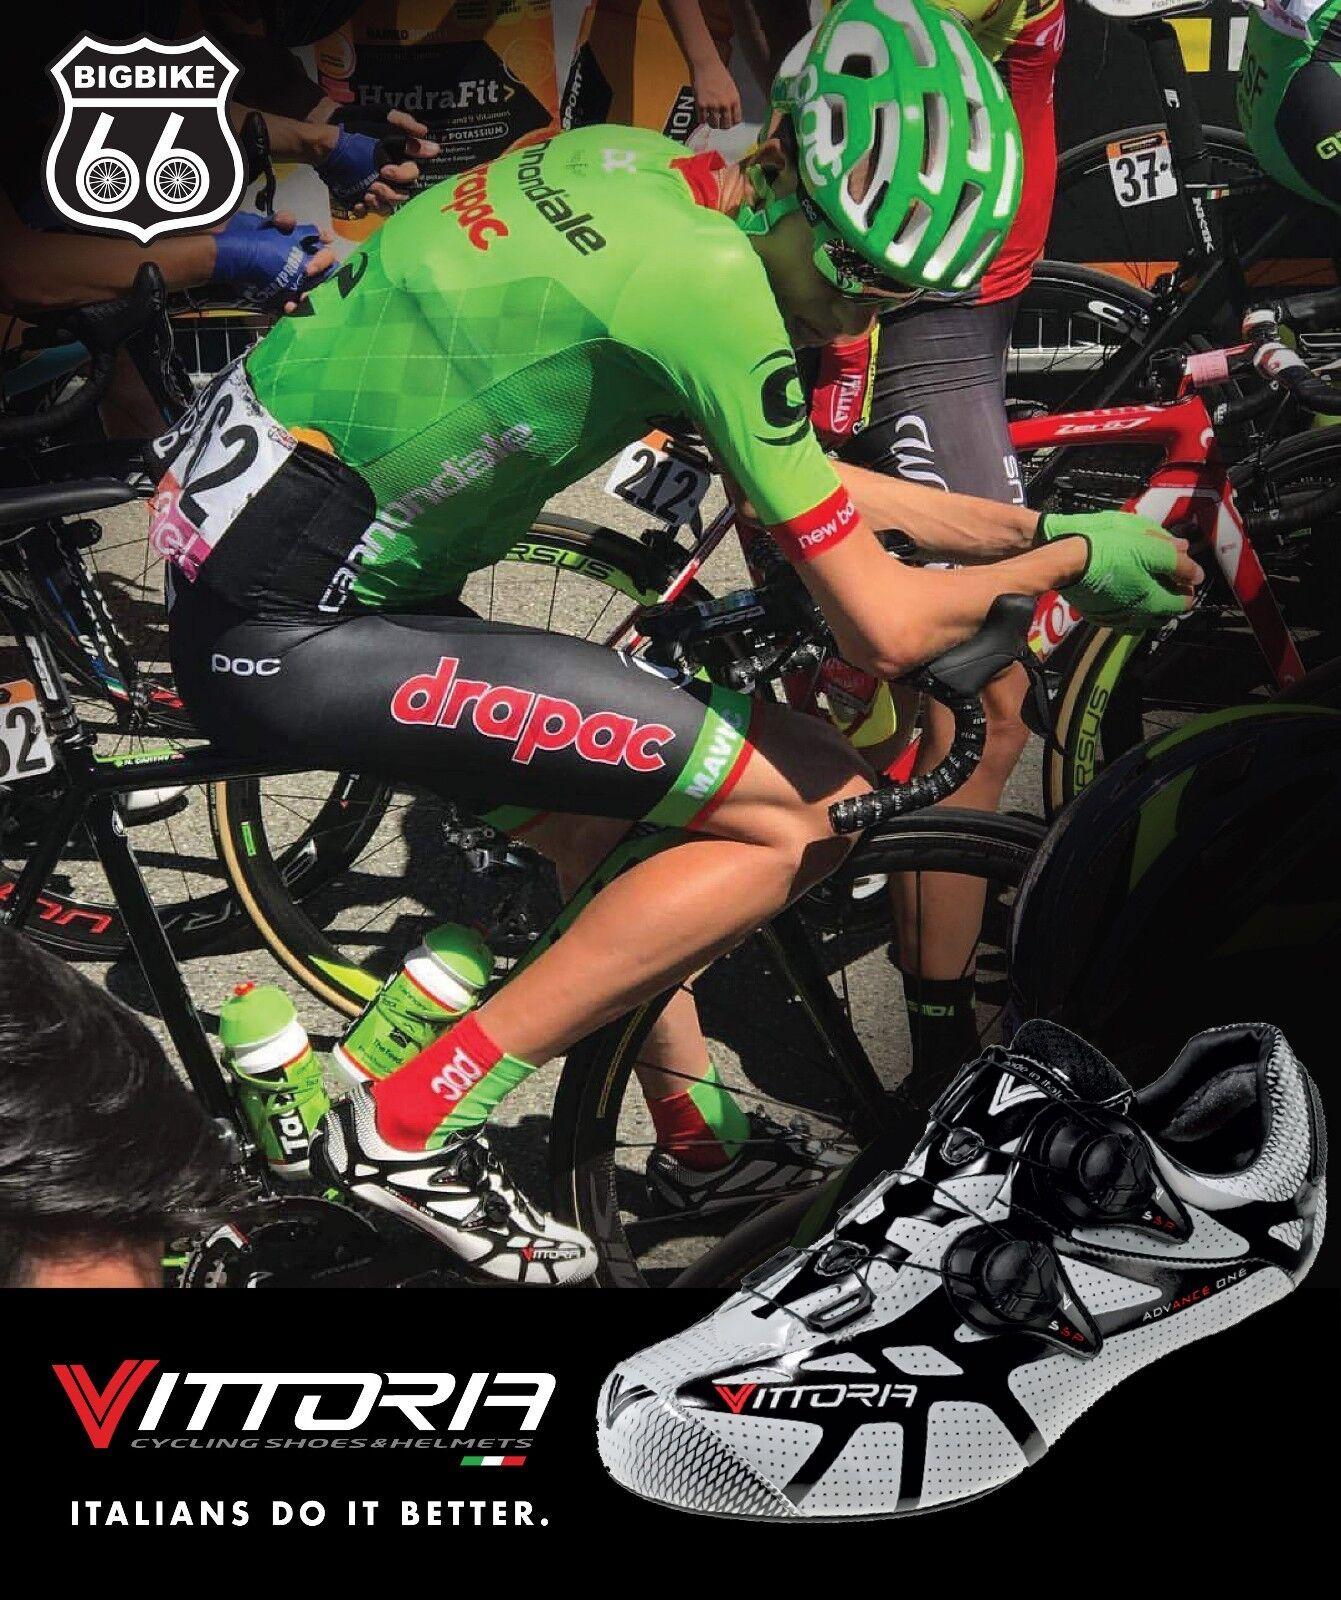 Vittoria Ikon Cycling scarpe bianca  Dimensione  38